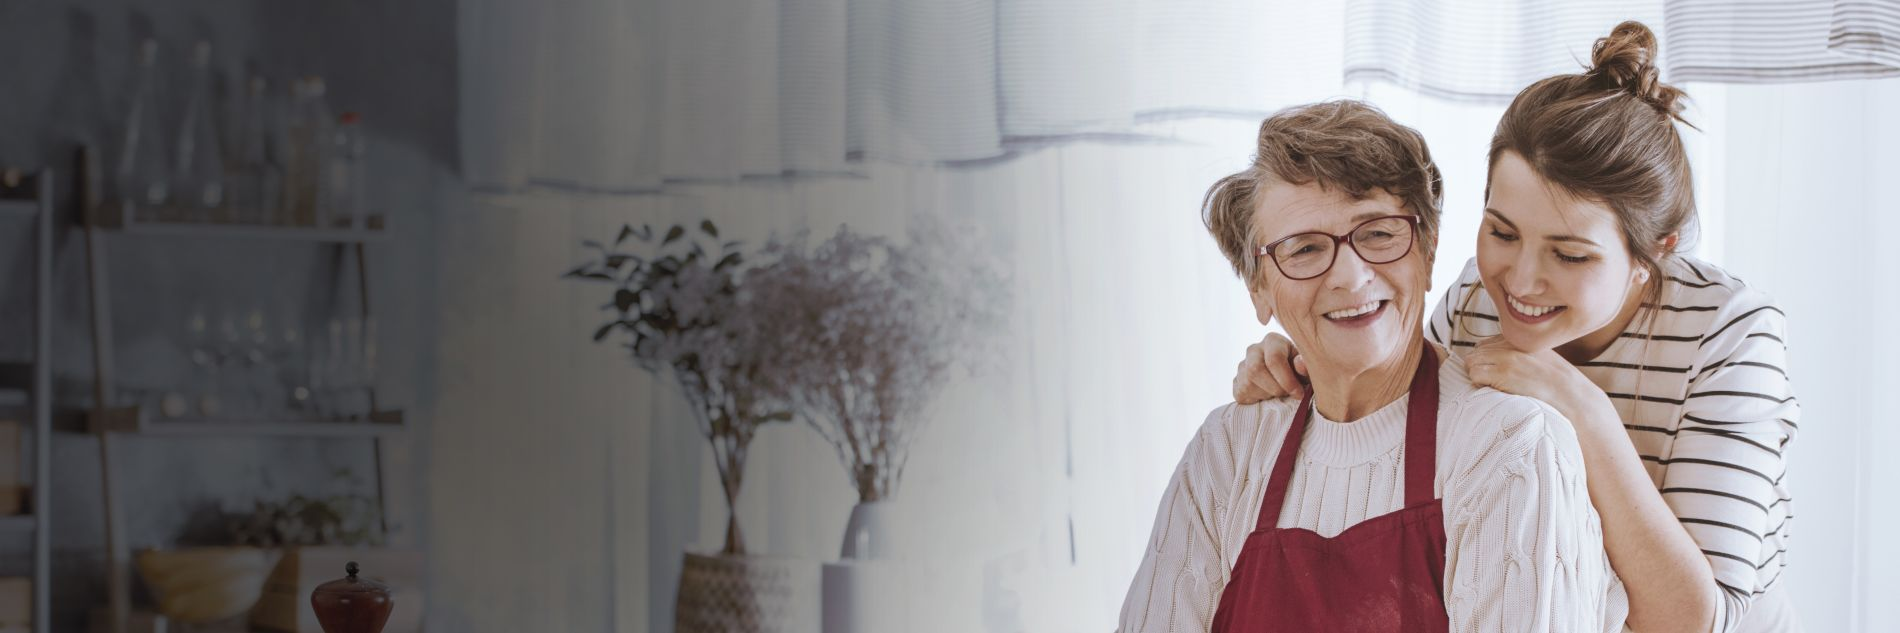 Кредит без поручителей пенсионерам